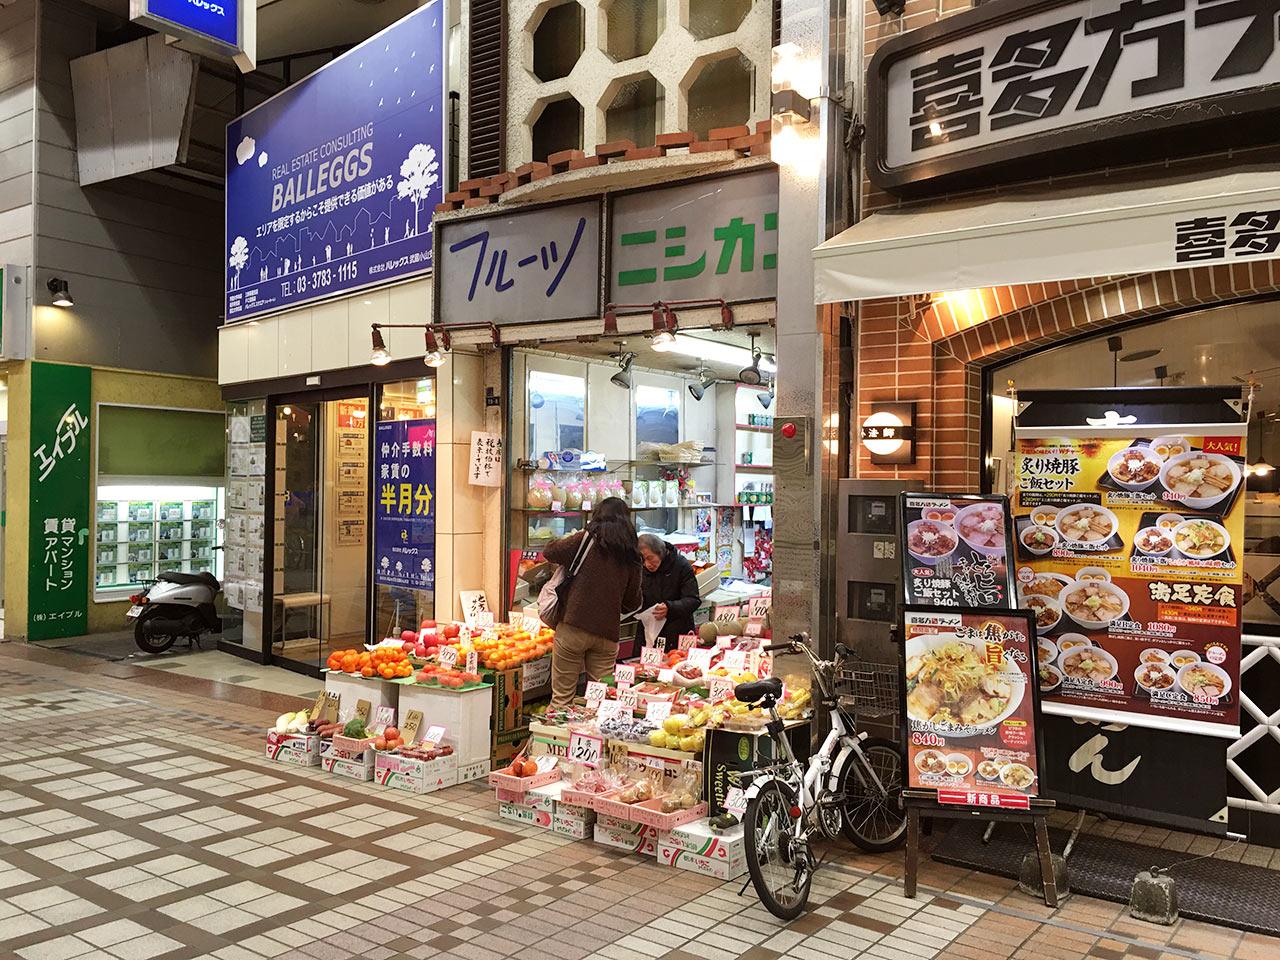 musashikoyama-ekimae-saikaihatsu-store01